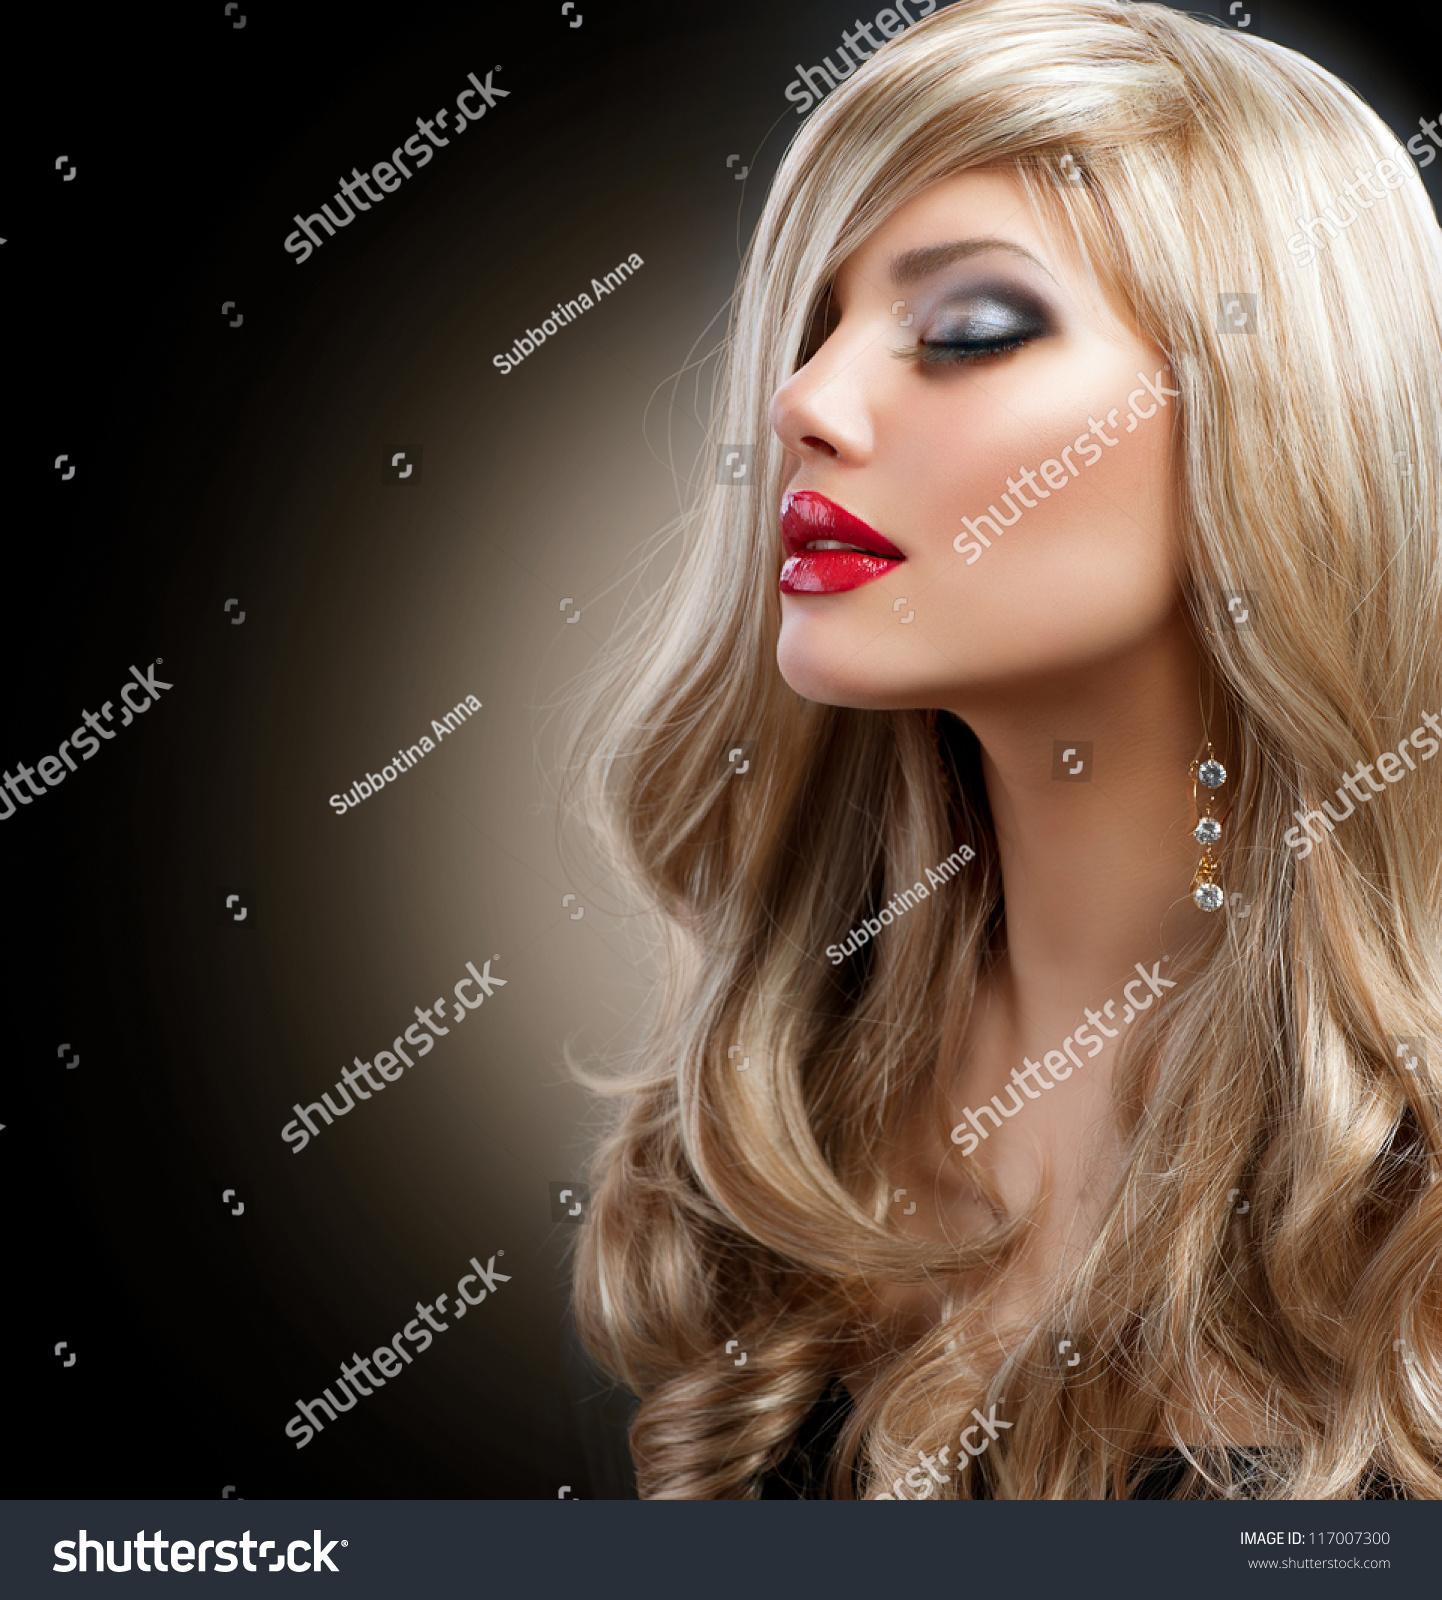 pricheski-seksi-dlya-blondinok-s-risunkami